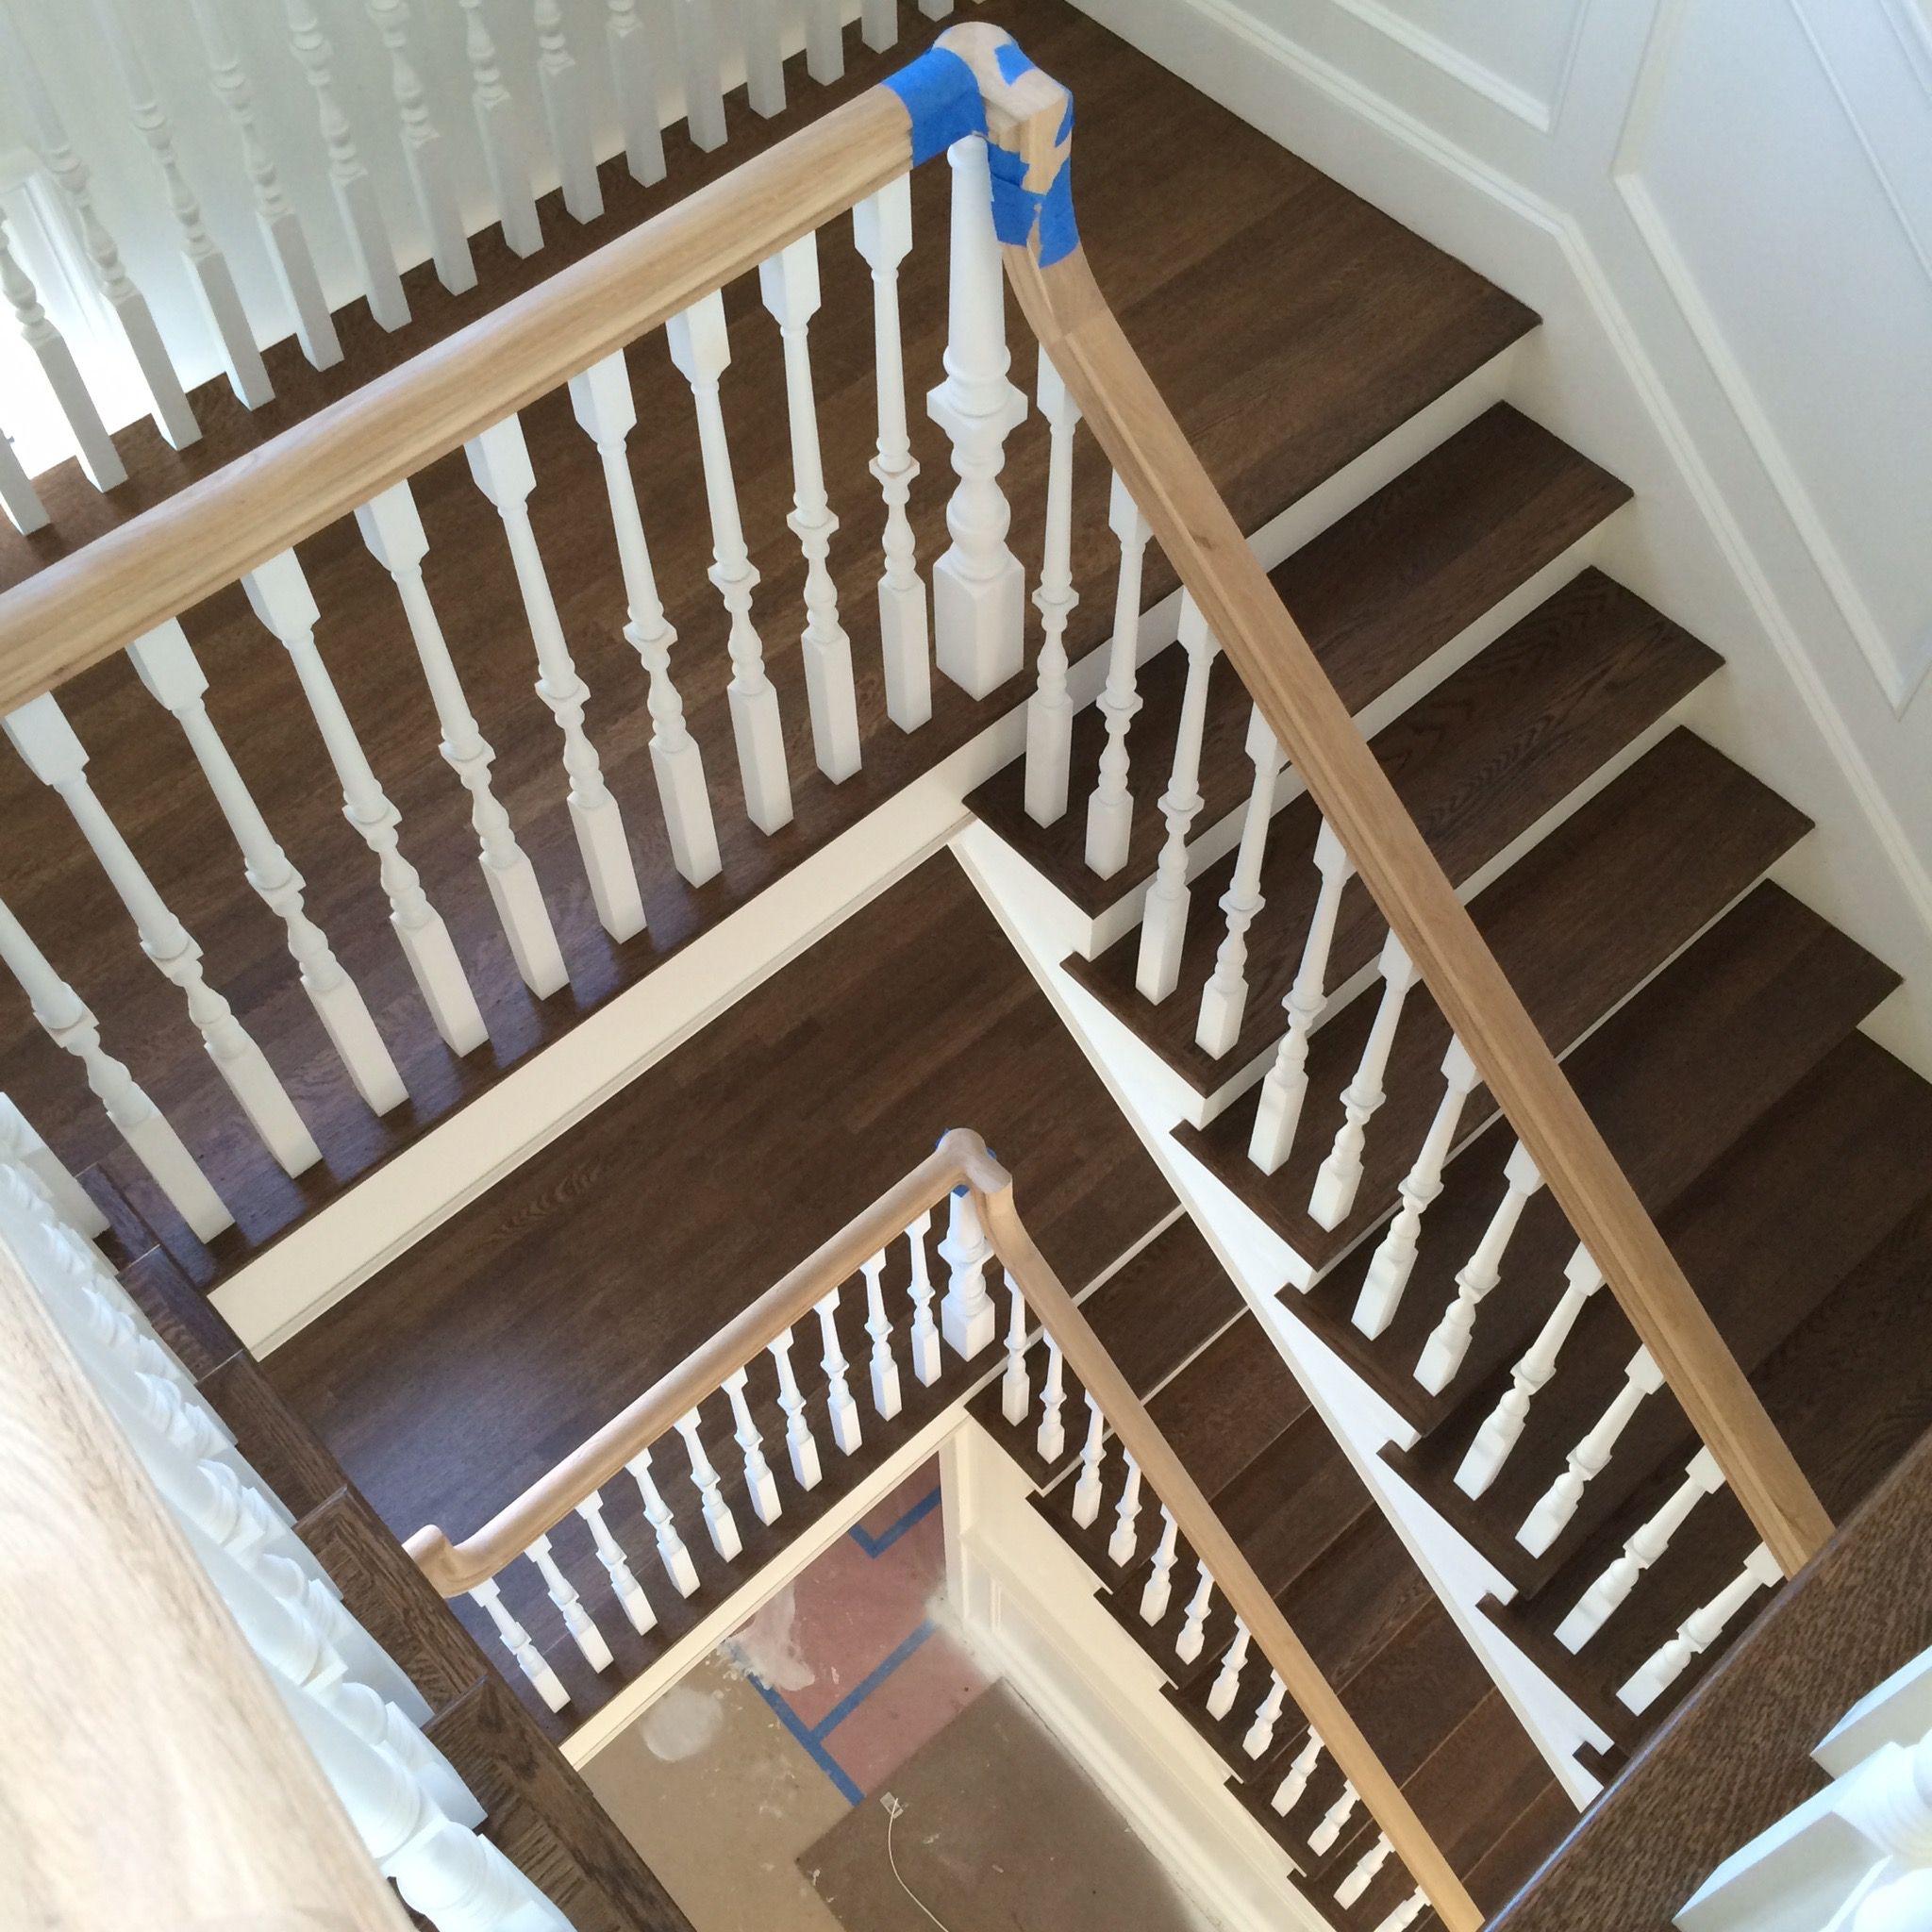 White oak hardwood stair treads, finished with Bona